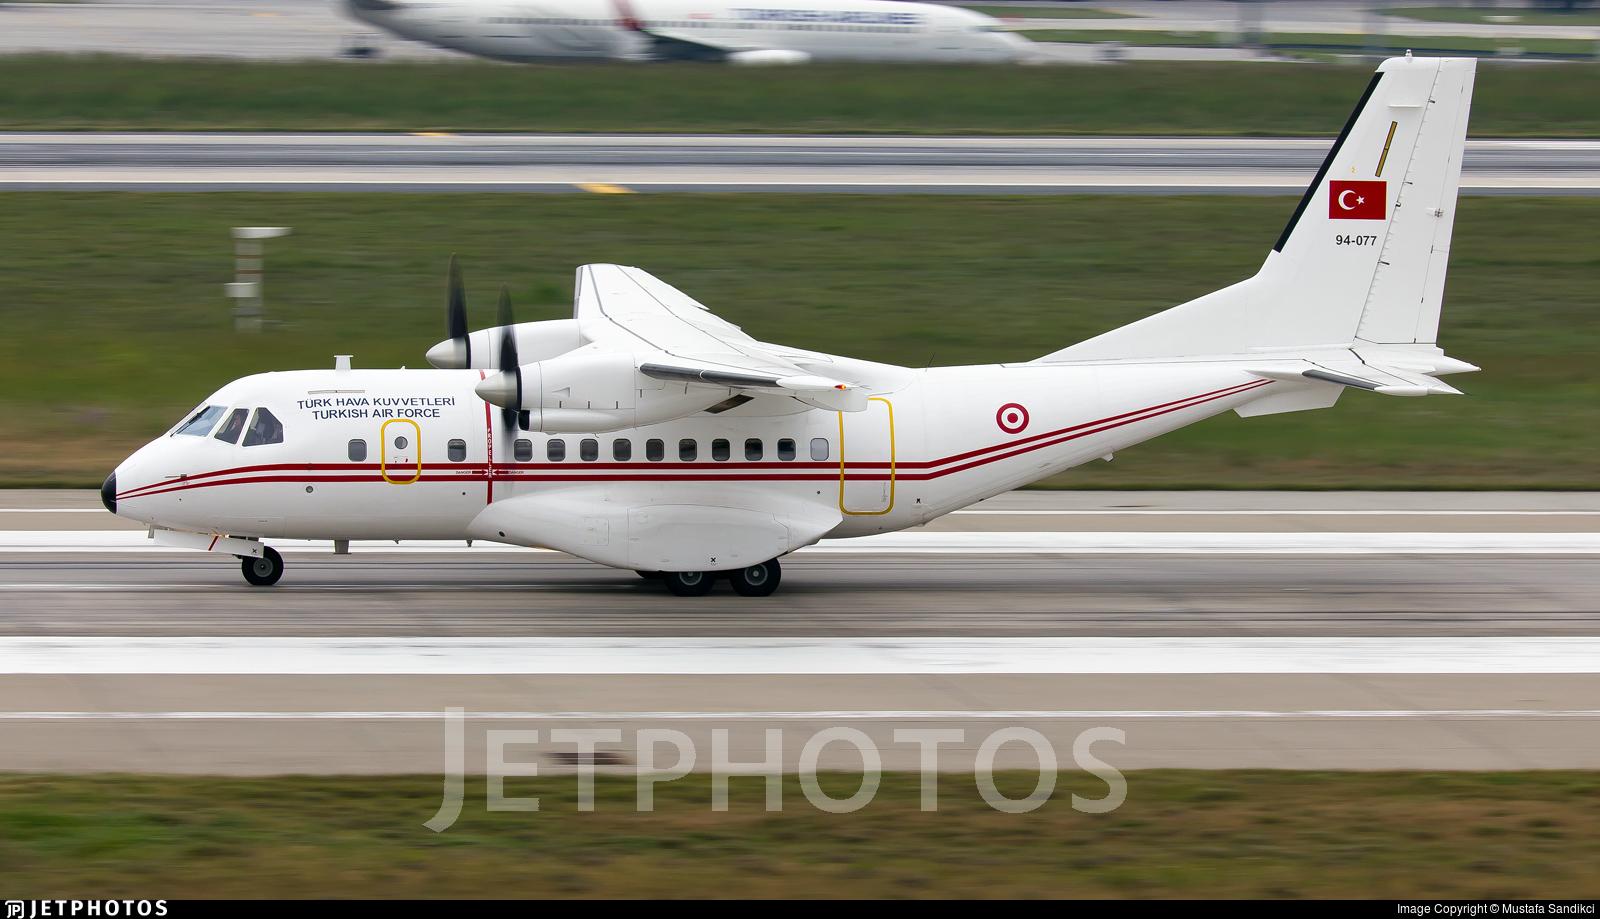 94-077 - CASA CN-235-100 - Turkey - Air Force